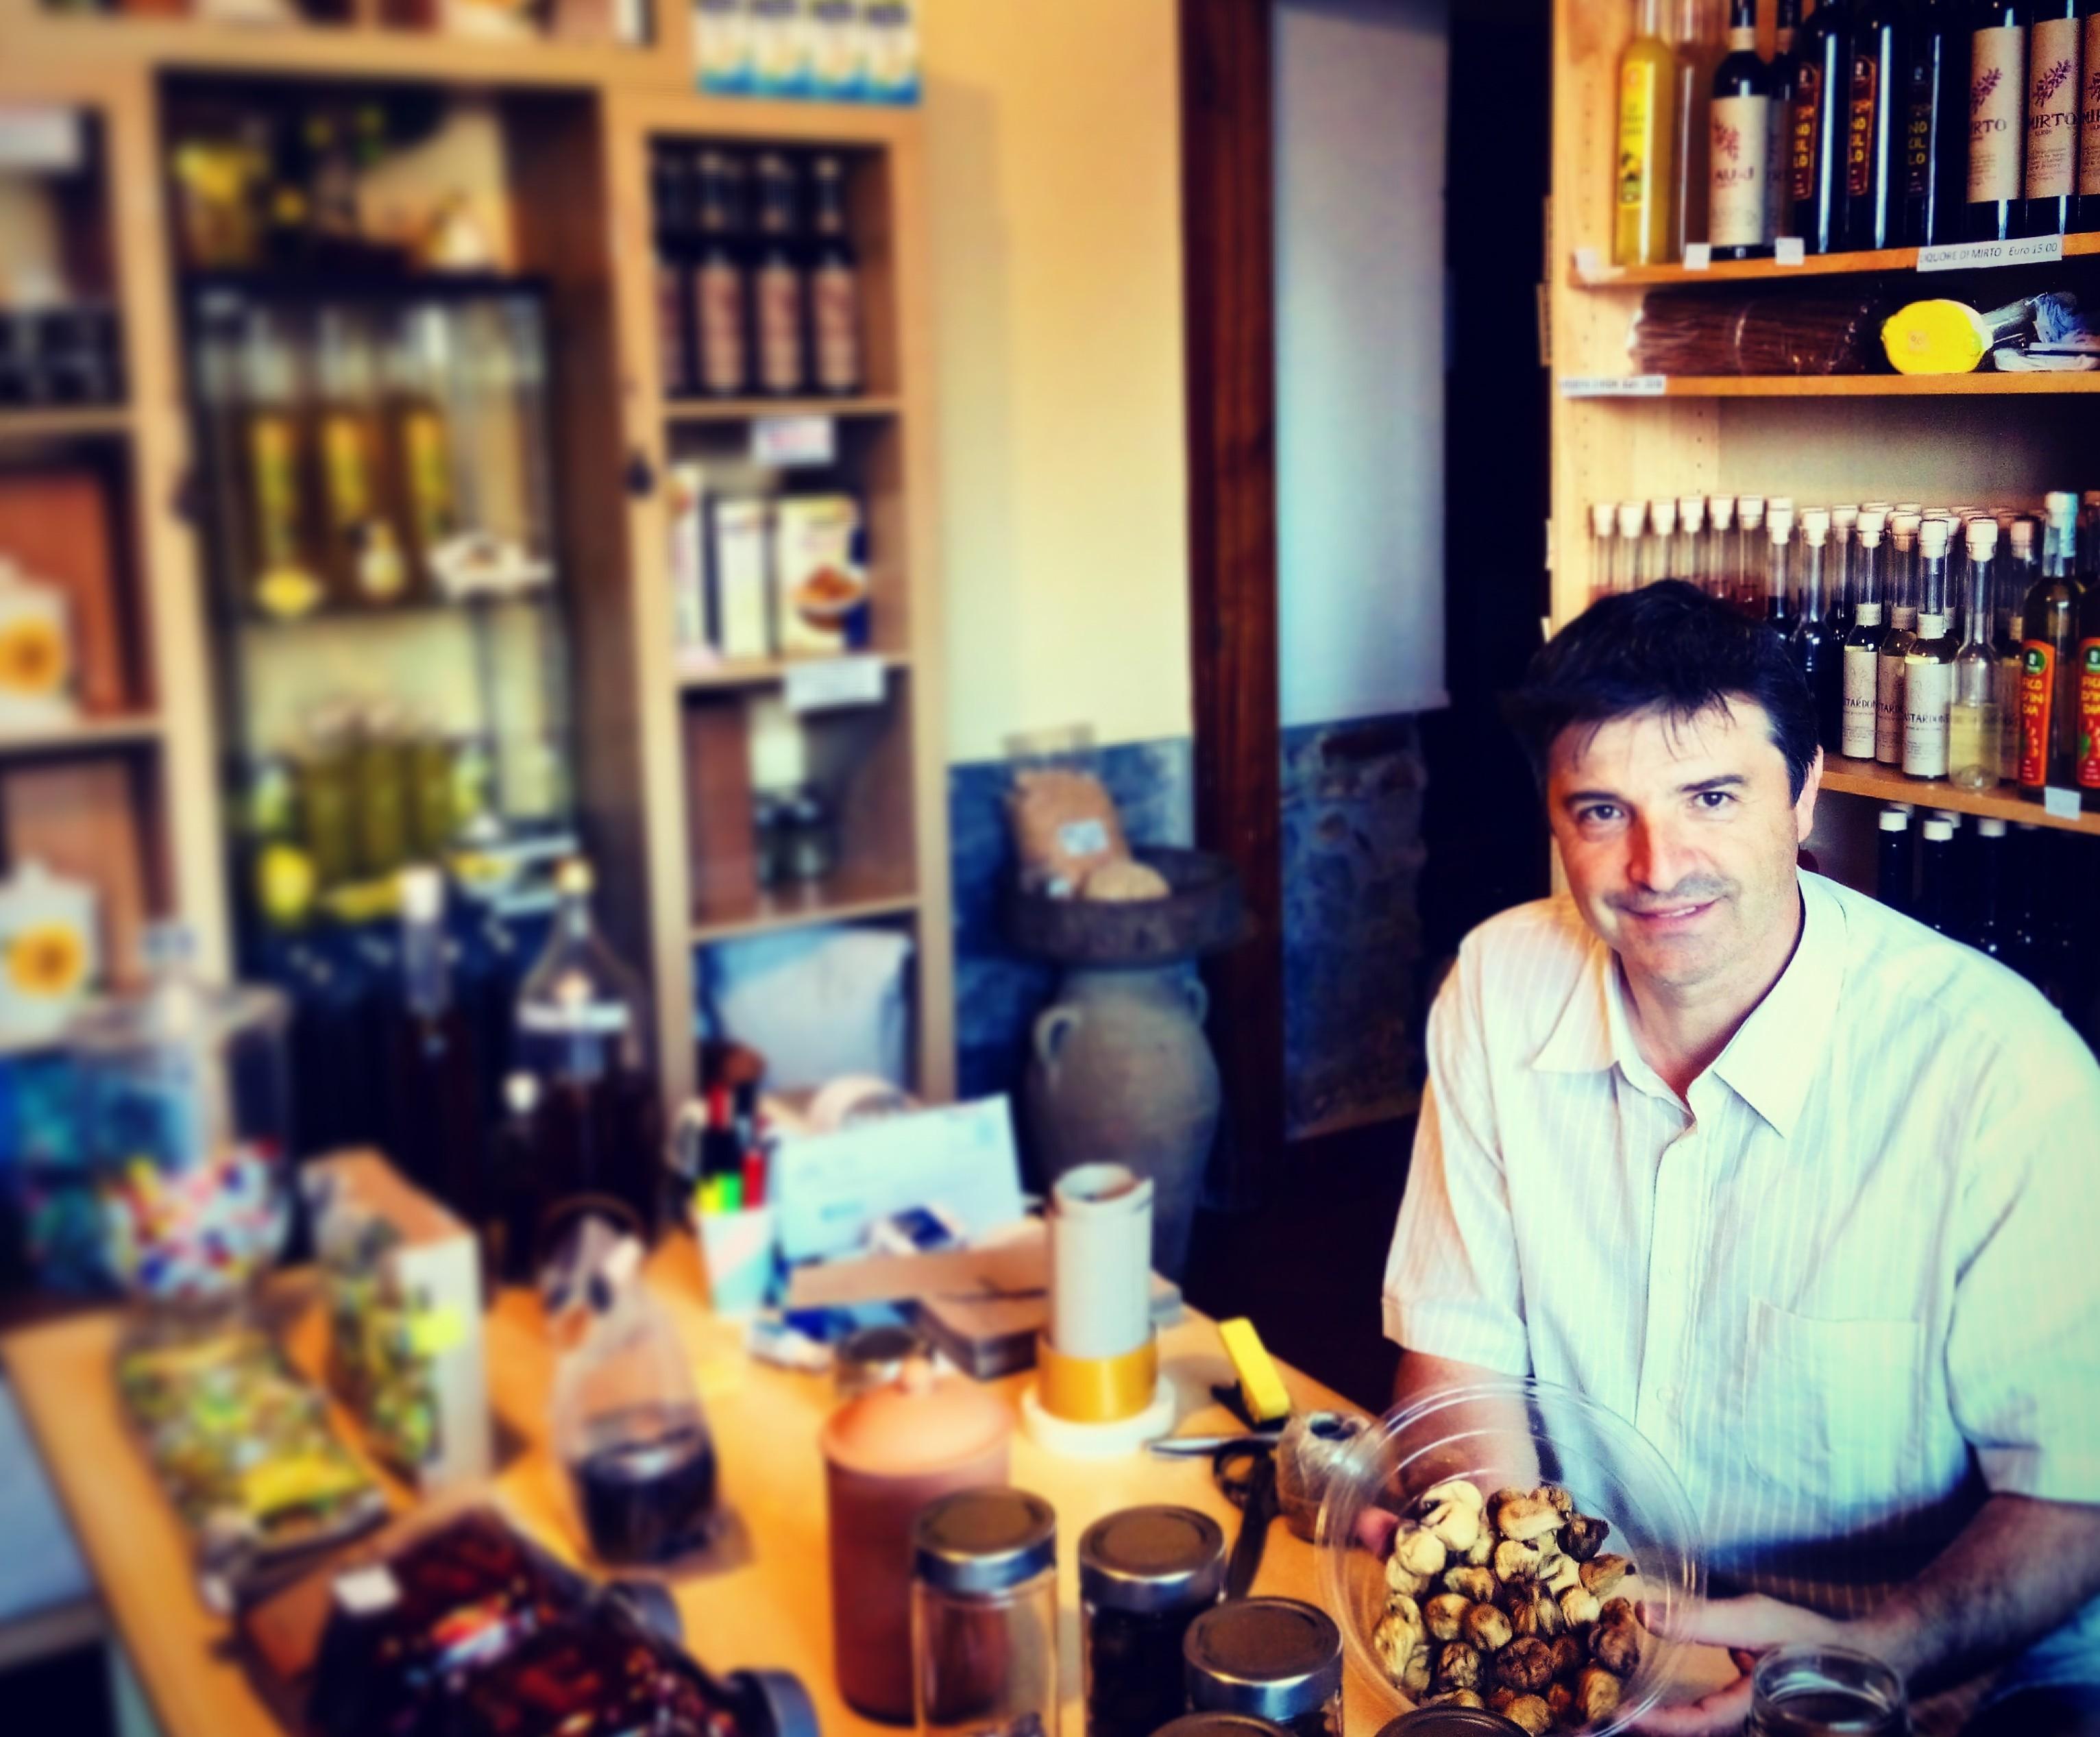 Giuseppe Pastore nel suo punto vendita e laboratorio di prodotti tipici cilentani